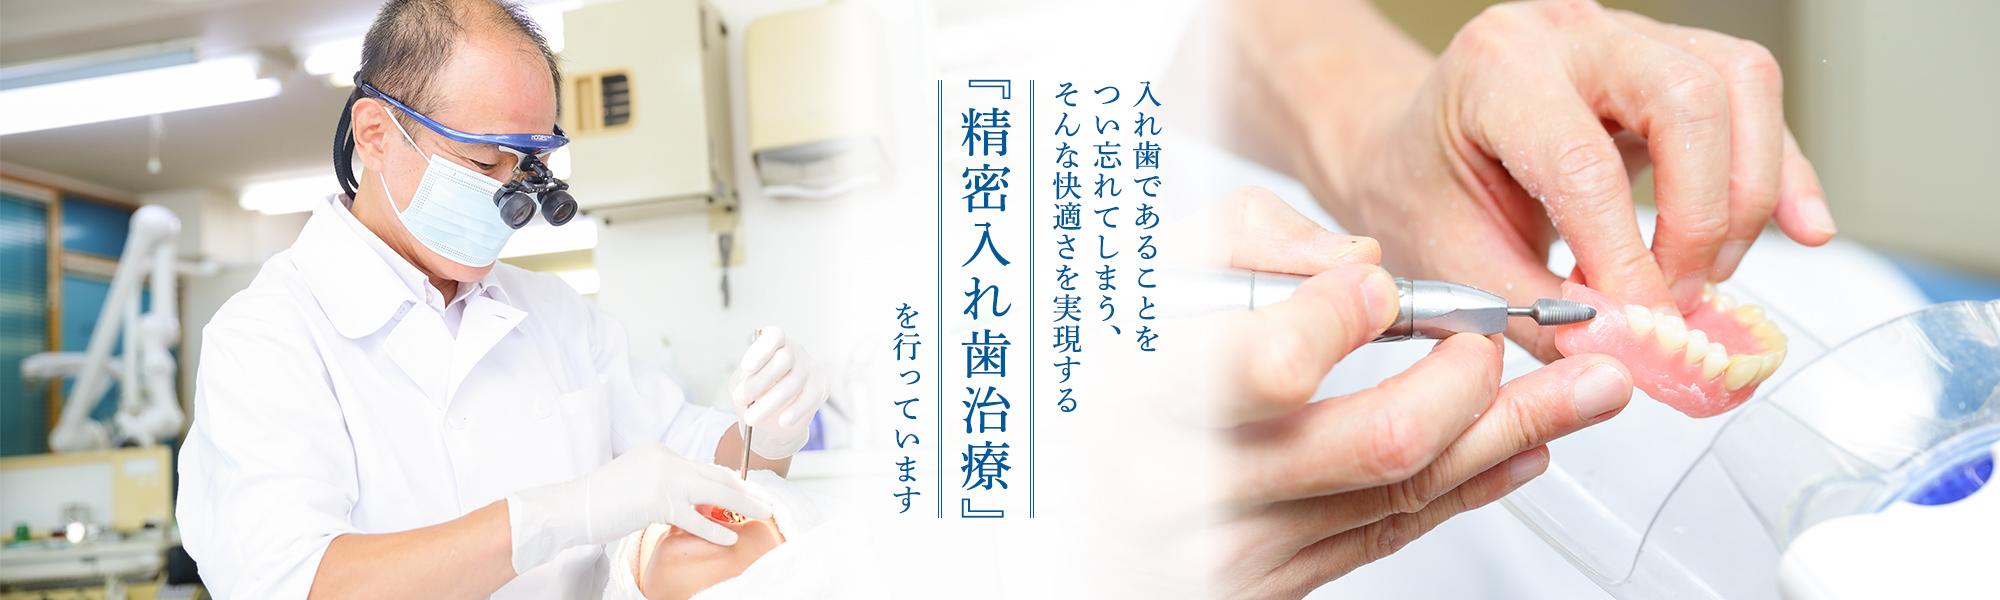 入れ歯であることをつい忘れてしまう、そんな快適さを実現する『精密入れ歯治療』を行っています